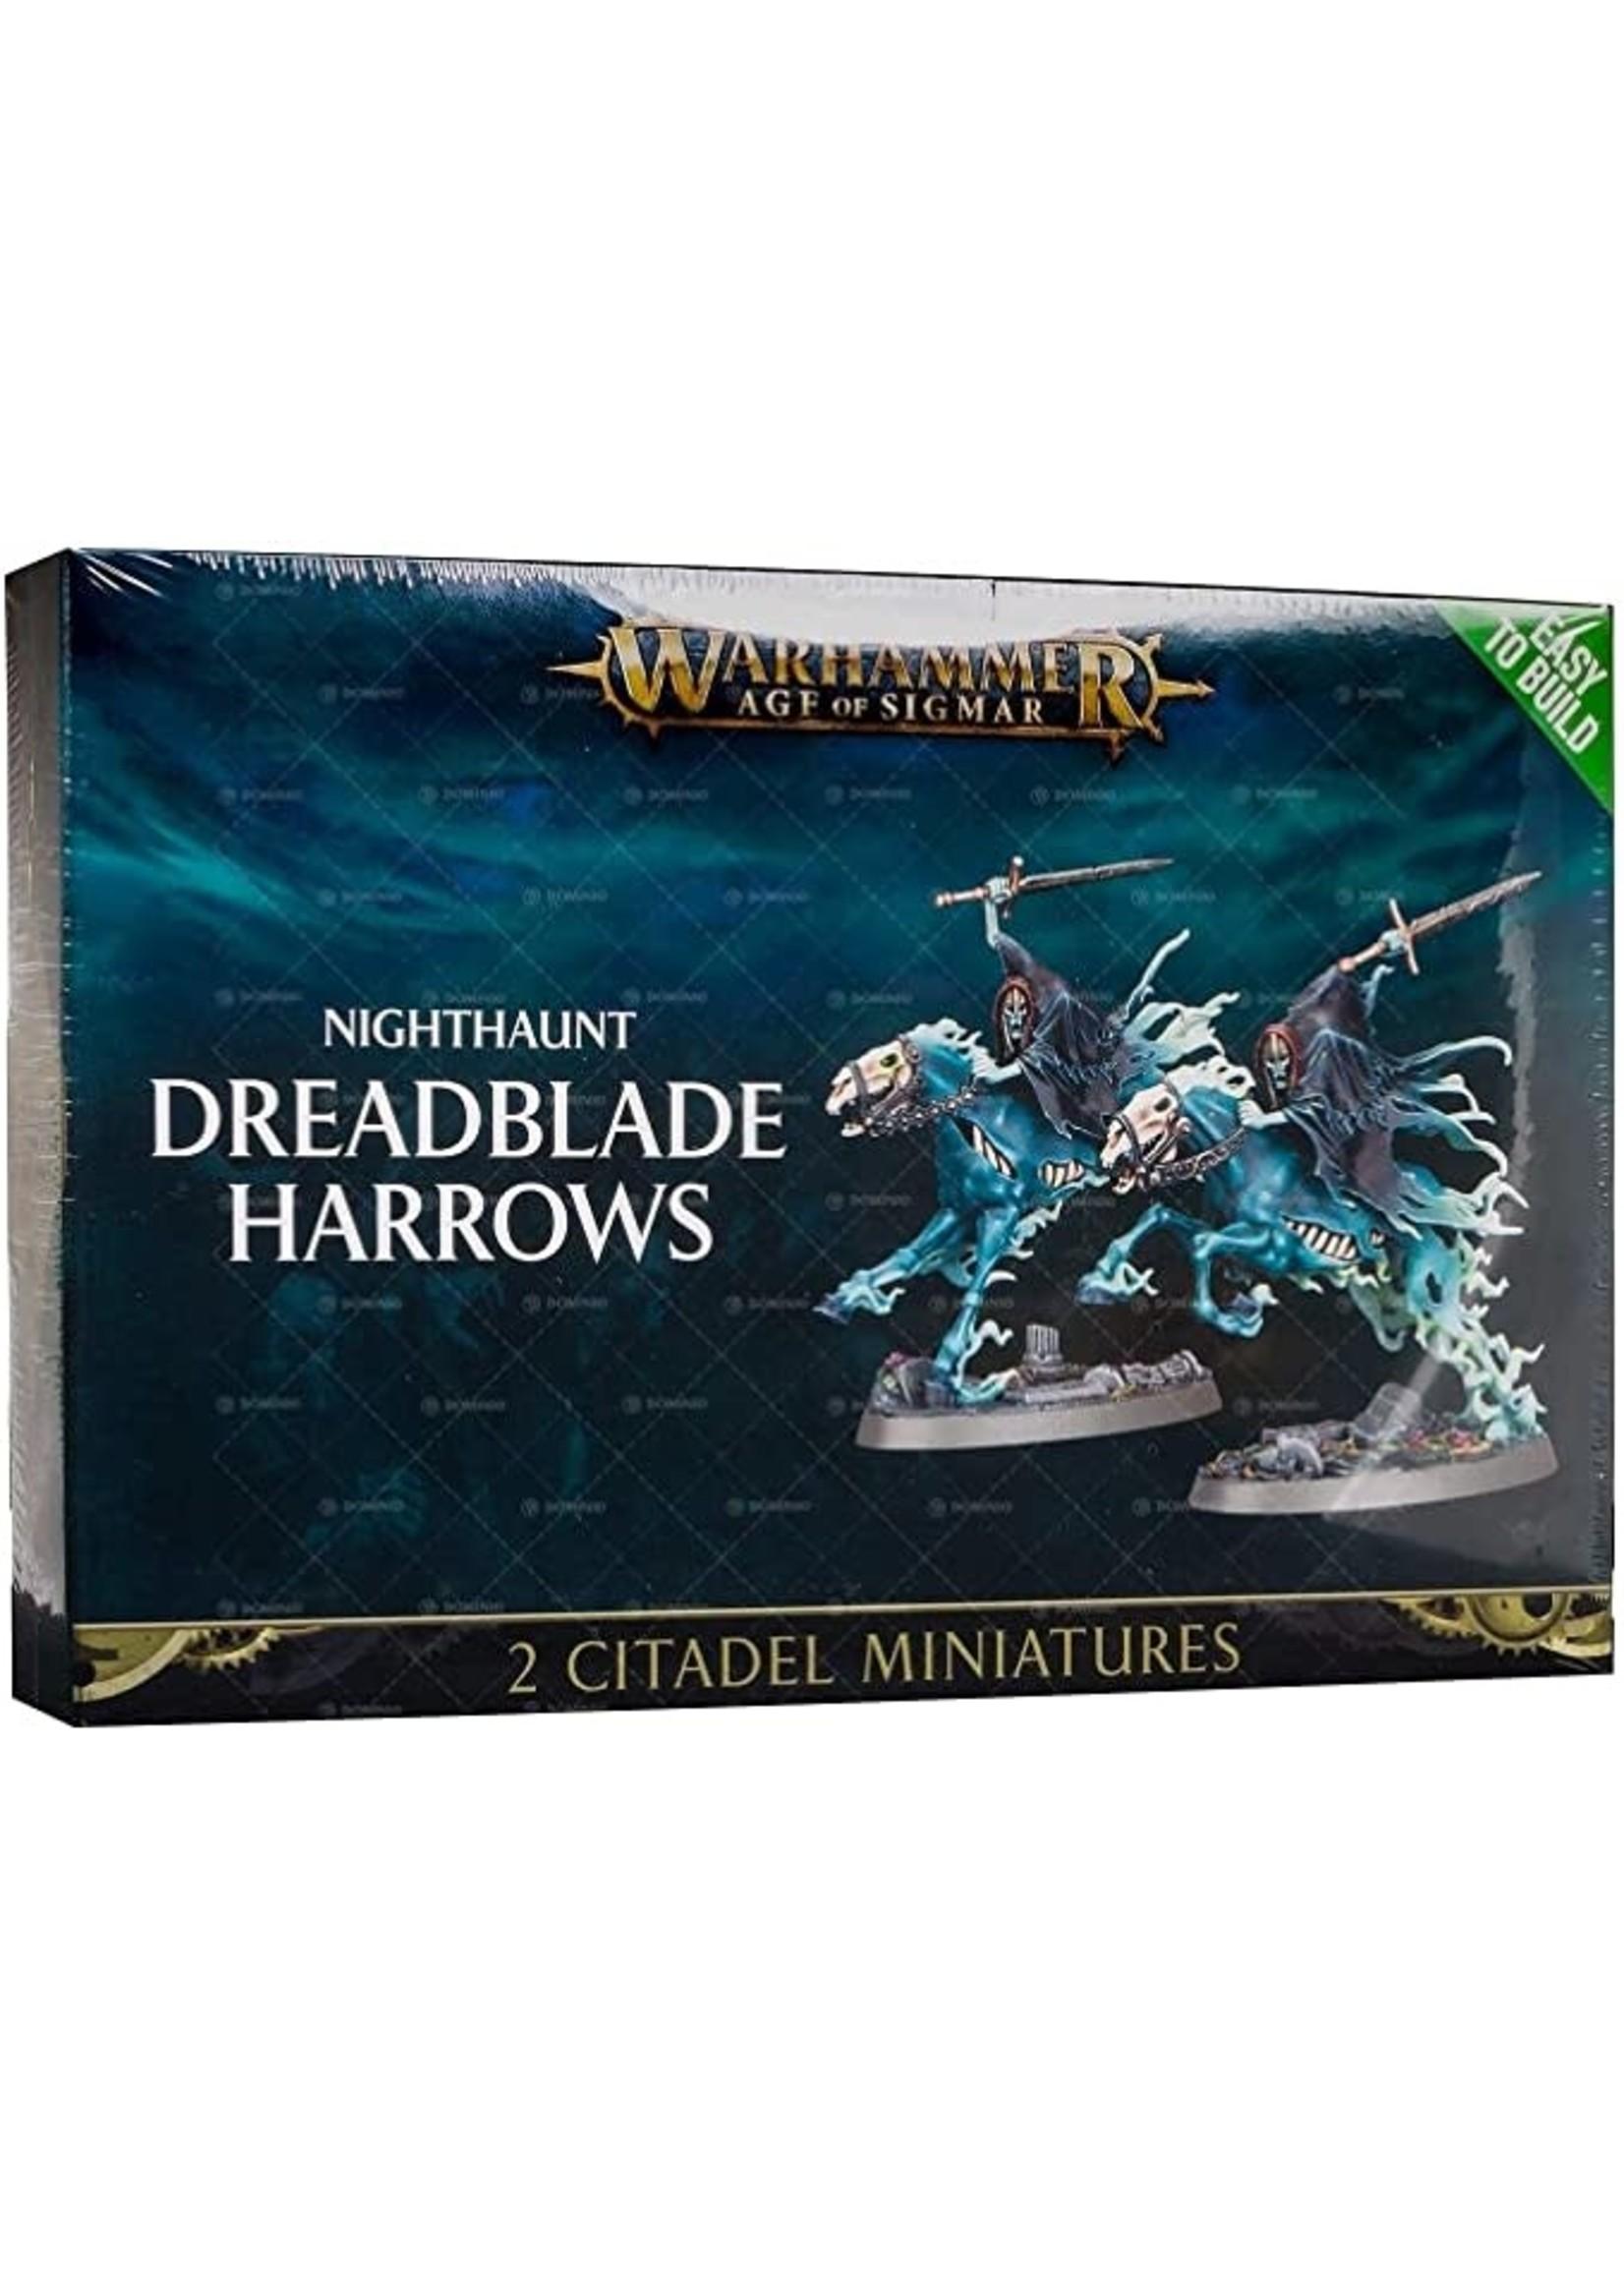 Nighthaunt Dreadblade Harrows (40K)